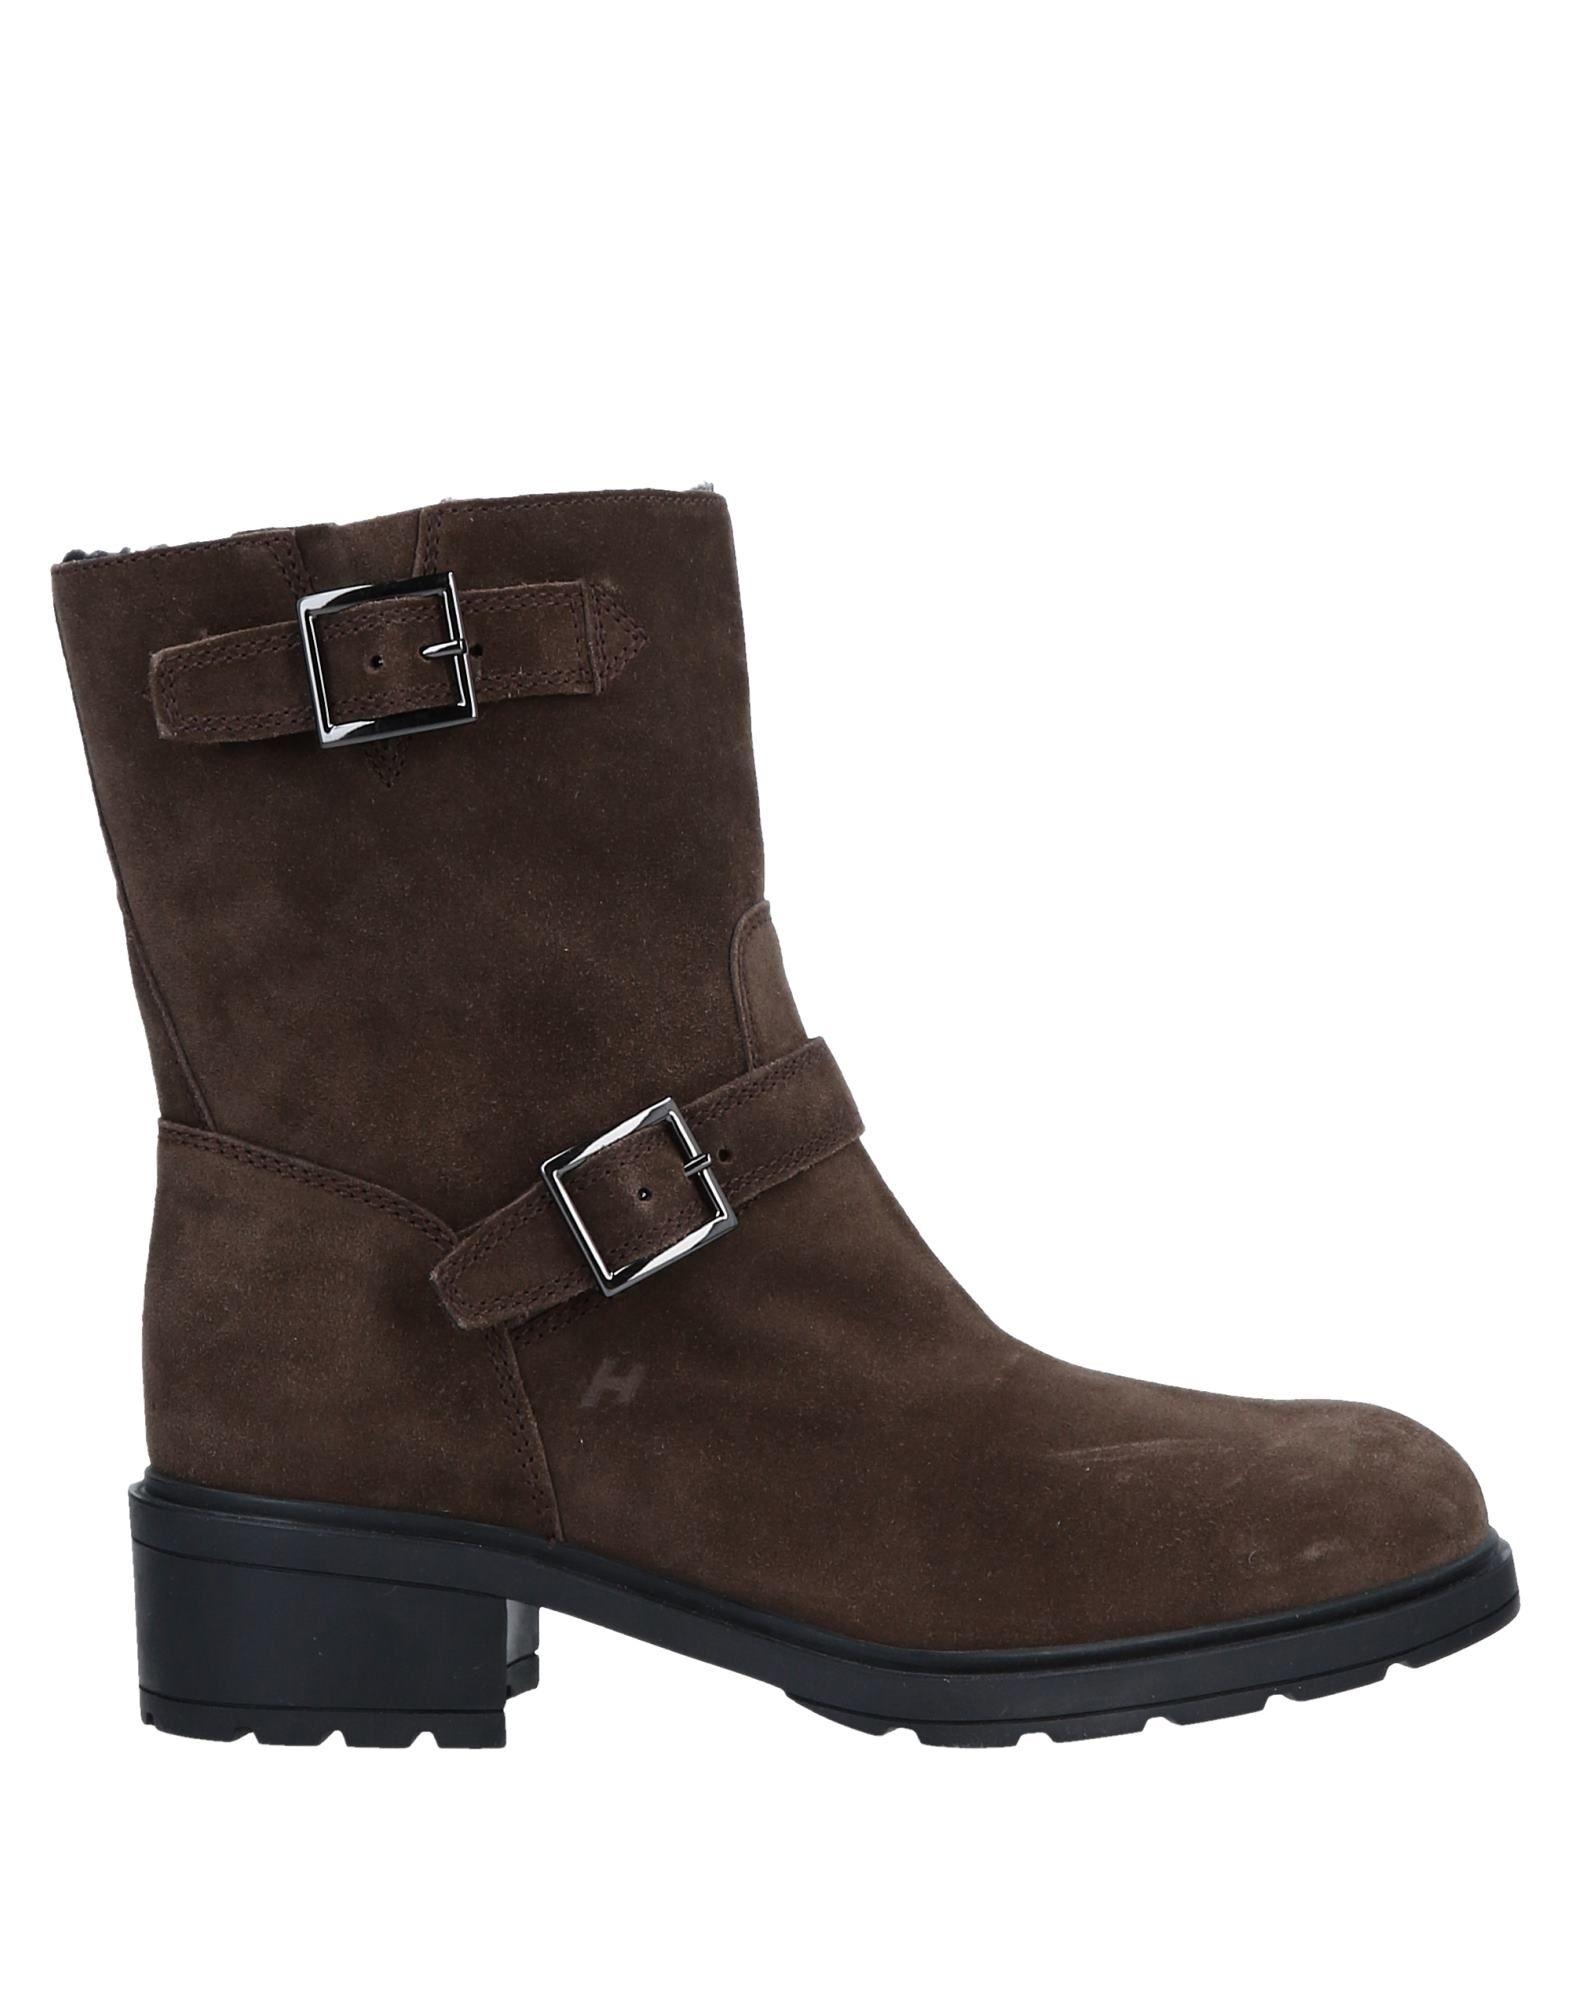 Bottine Hogan Femme - Bottines Hogan Moka Nouvelles chaussures pour hommes et femmes, remise limitée dans le temps